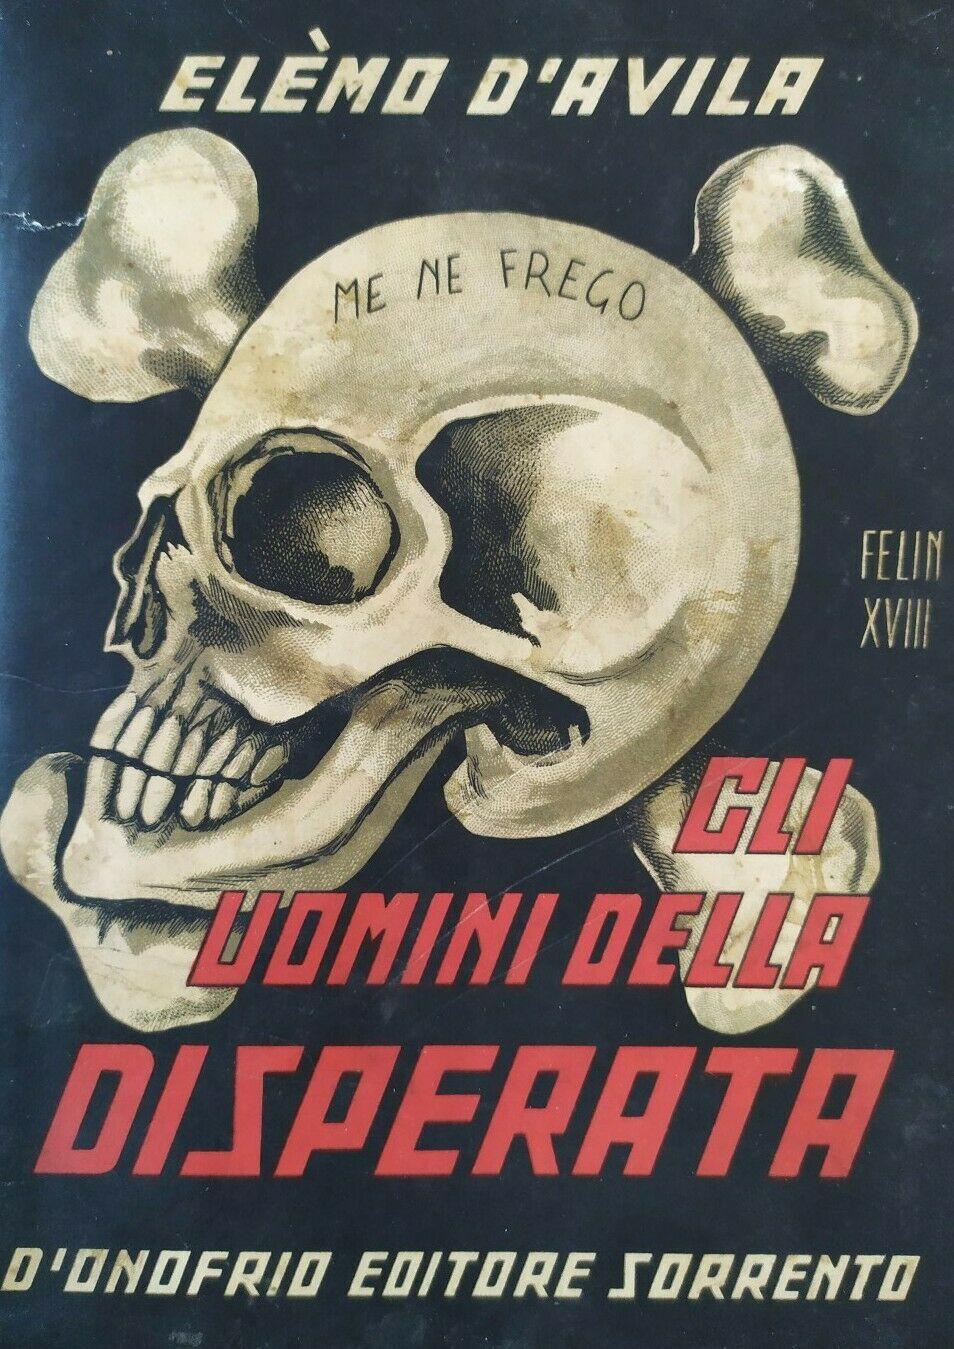 """""""Gli uomini della disperata"""" di Elèmo D'Avila su eBay: Arditismo e Futurismo"""